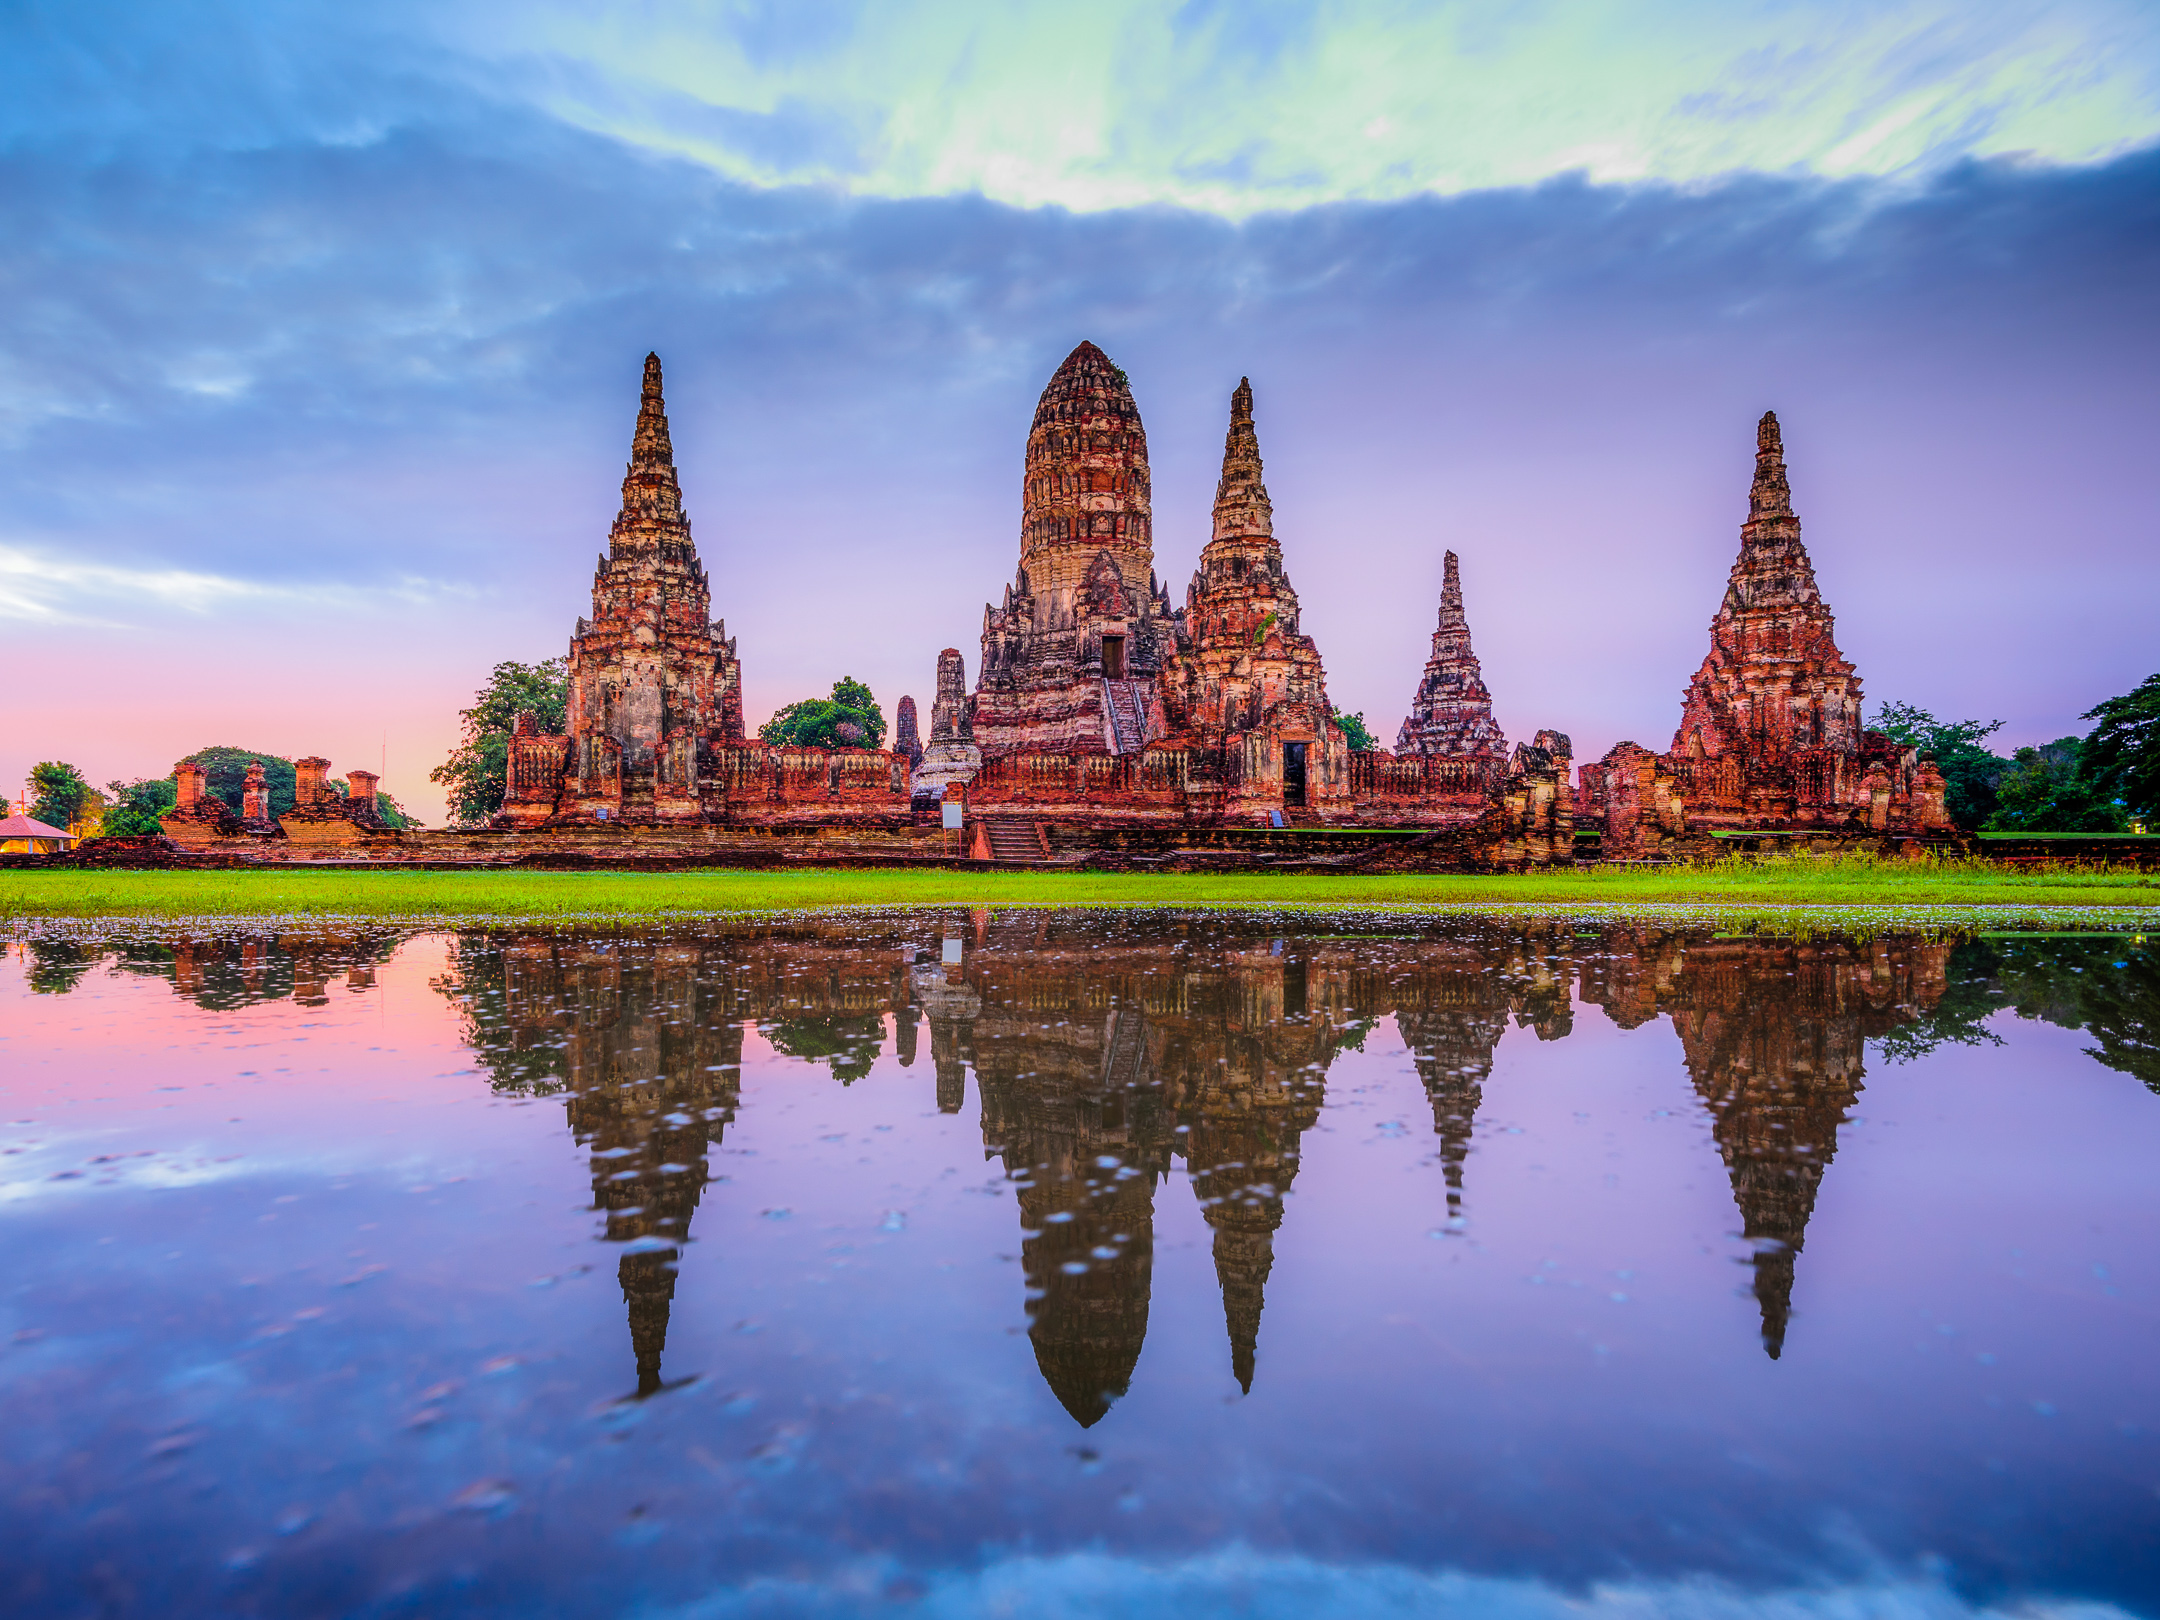 http://thailandscanme.com/